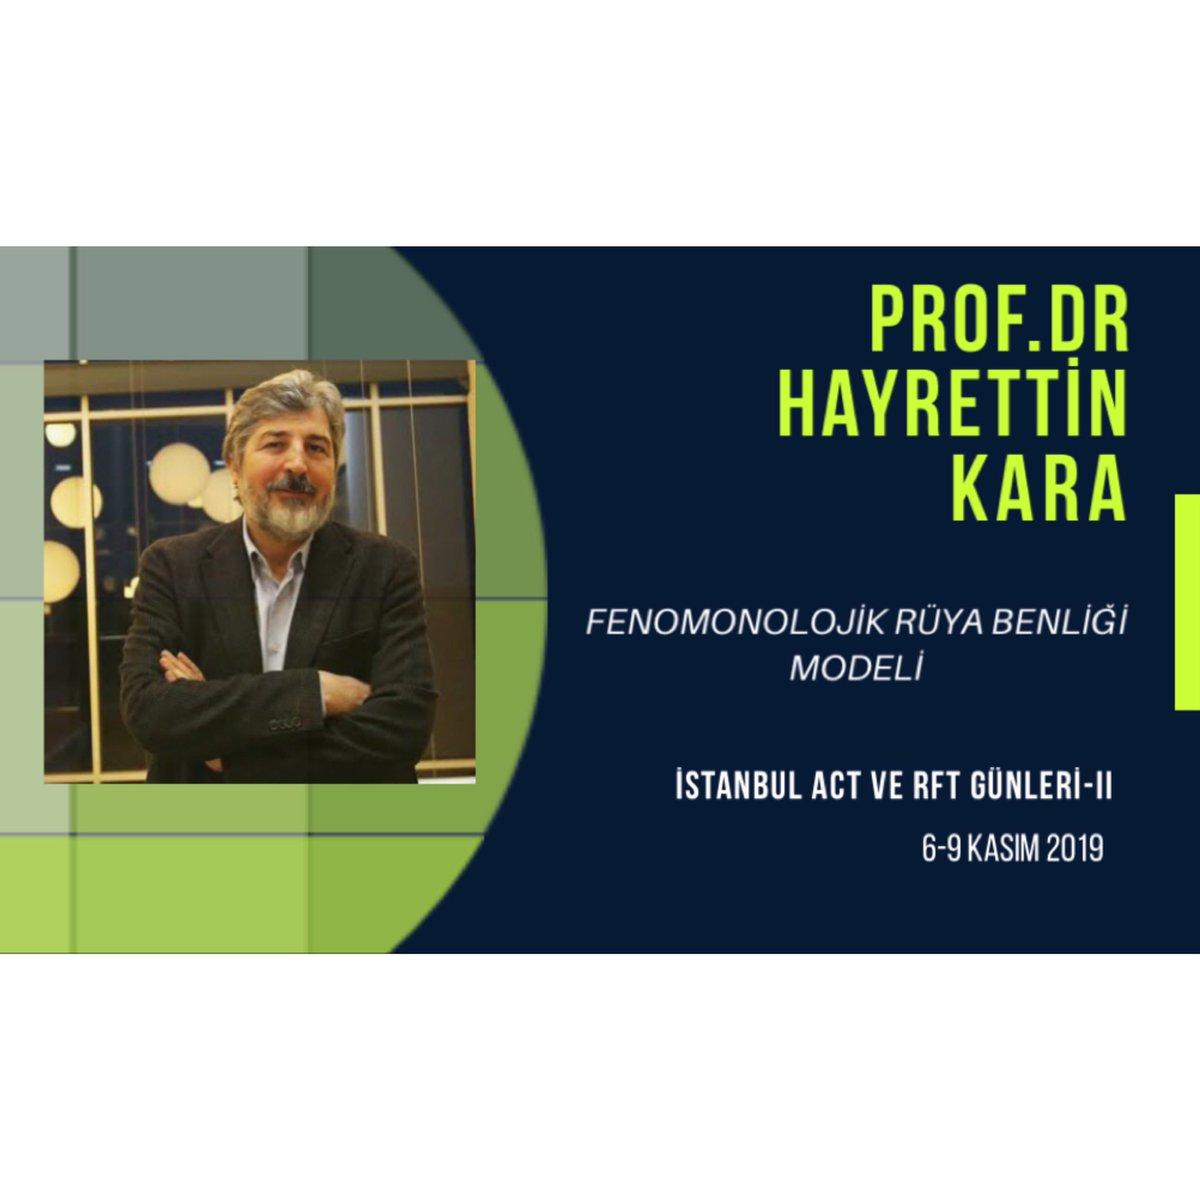 """Prof. Dr. Hayrettin Kara  """"Fenomonolojik Rüya Benliği Modeli""""  adlı çalışma grubuyla bizimle olacak !  Ayrıntılı bilgi için: http://www.actgunleri2019.org #hayrettinkara #rüya #istanbul #acceptanceandcommitmenttherapy #terapi #psikoloji #psikiyatri #bilişseldavranışçıterapi"""